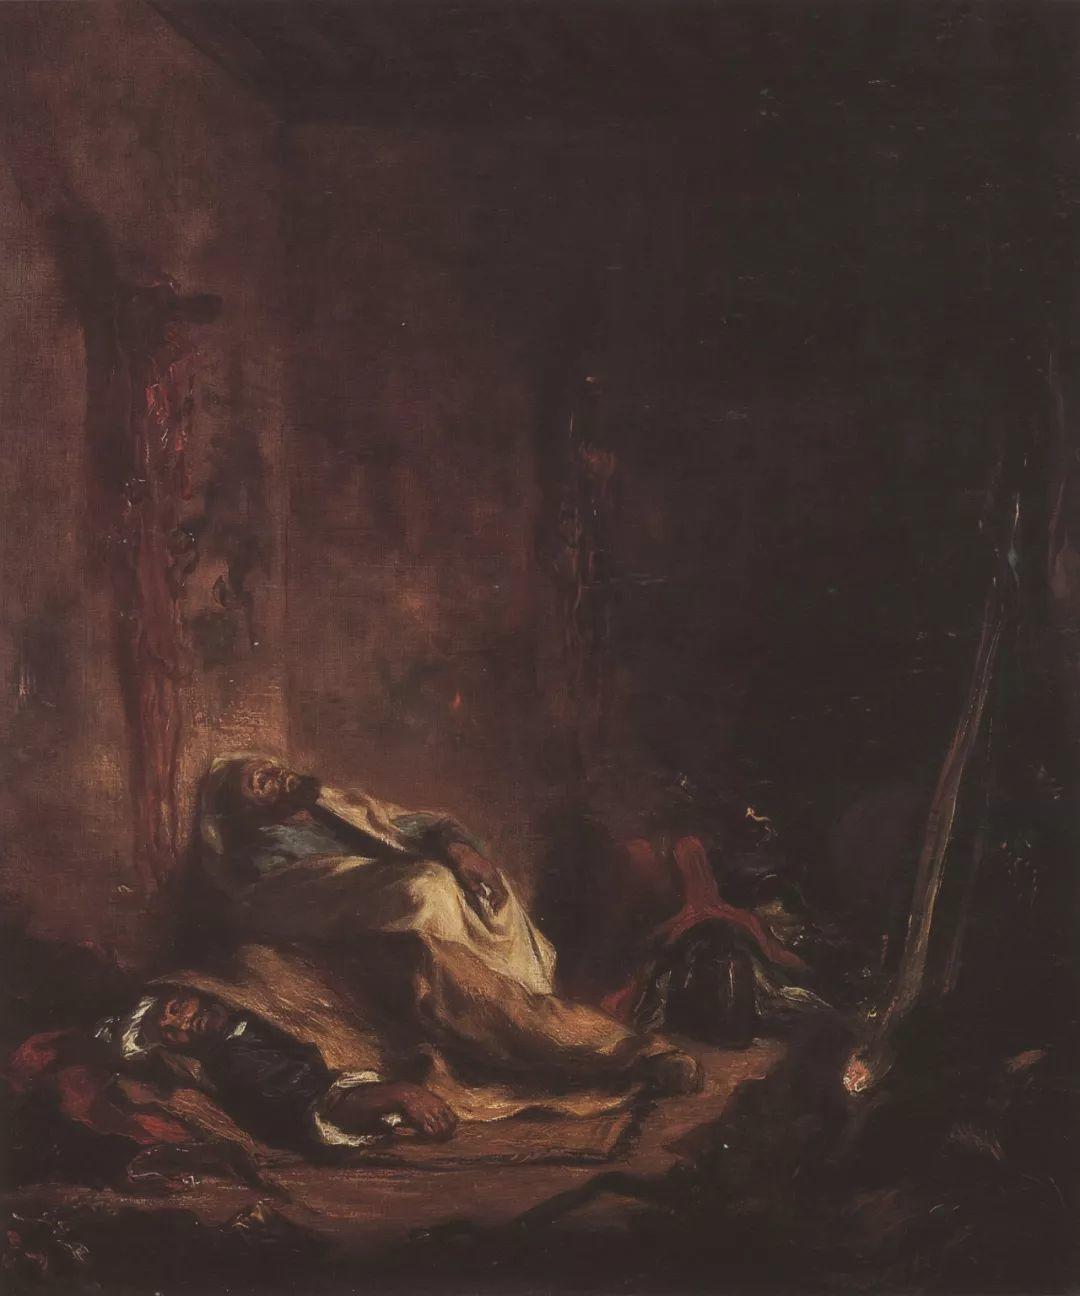 """他被称为""""浪漫主义的狮子"""",大师手稿与创作123幅插图69"""